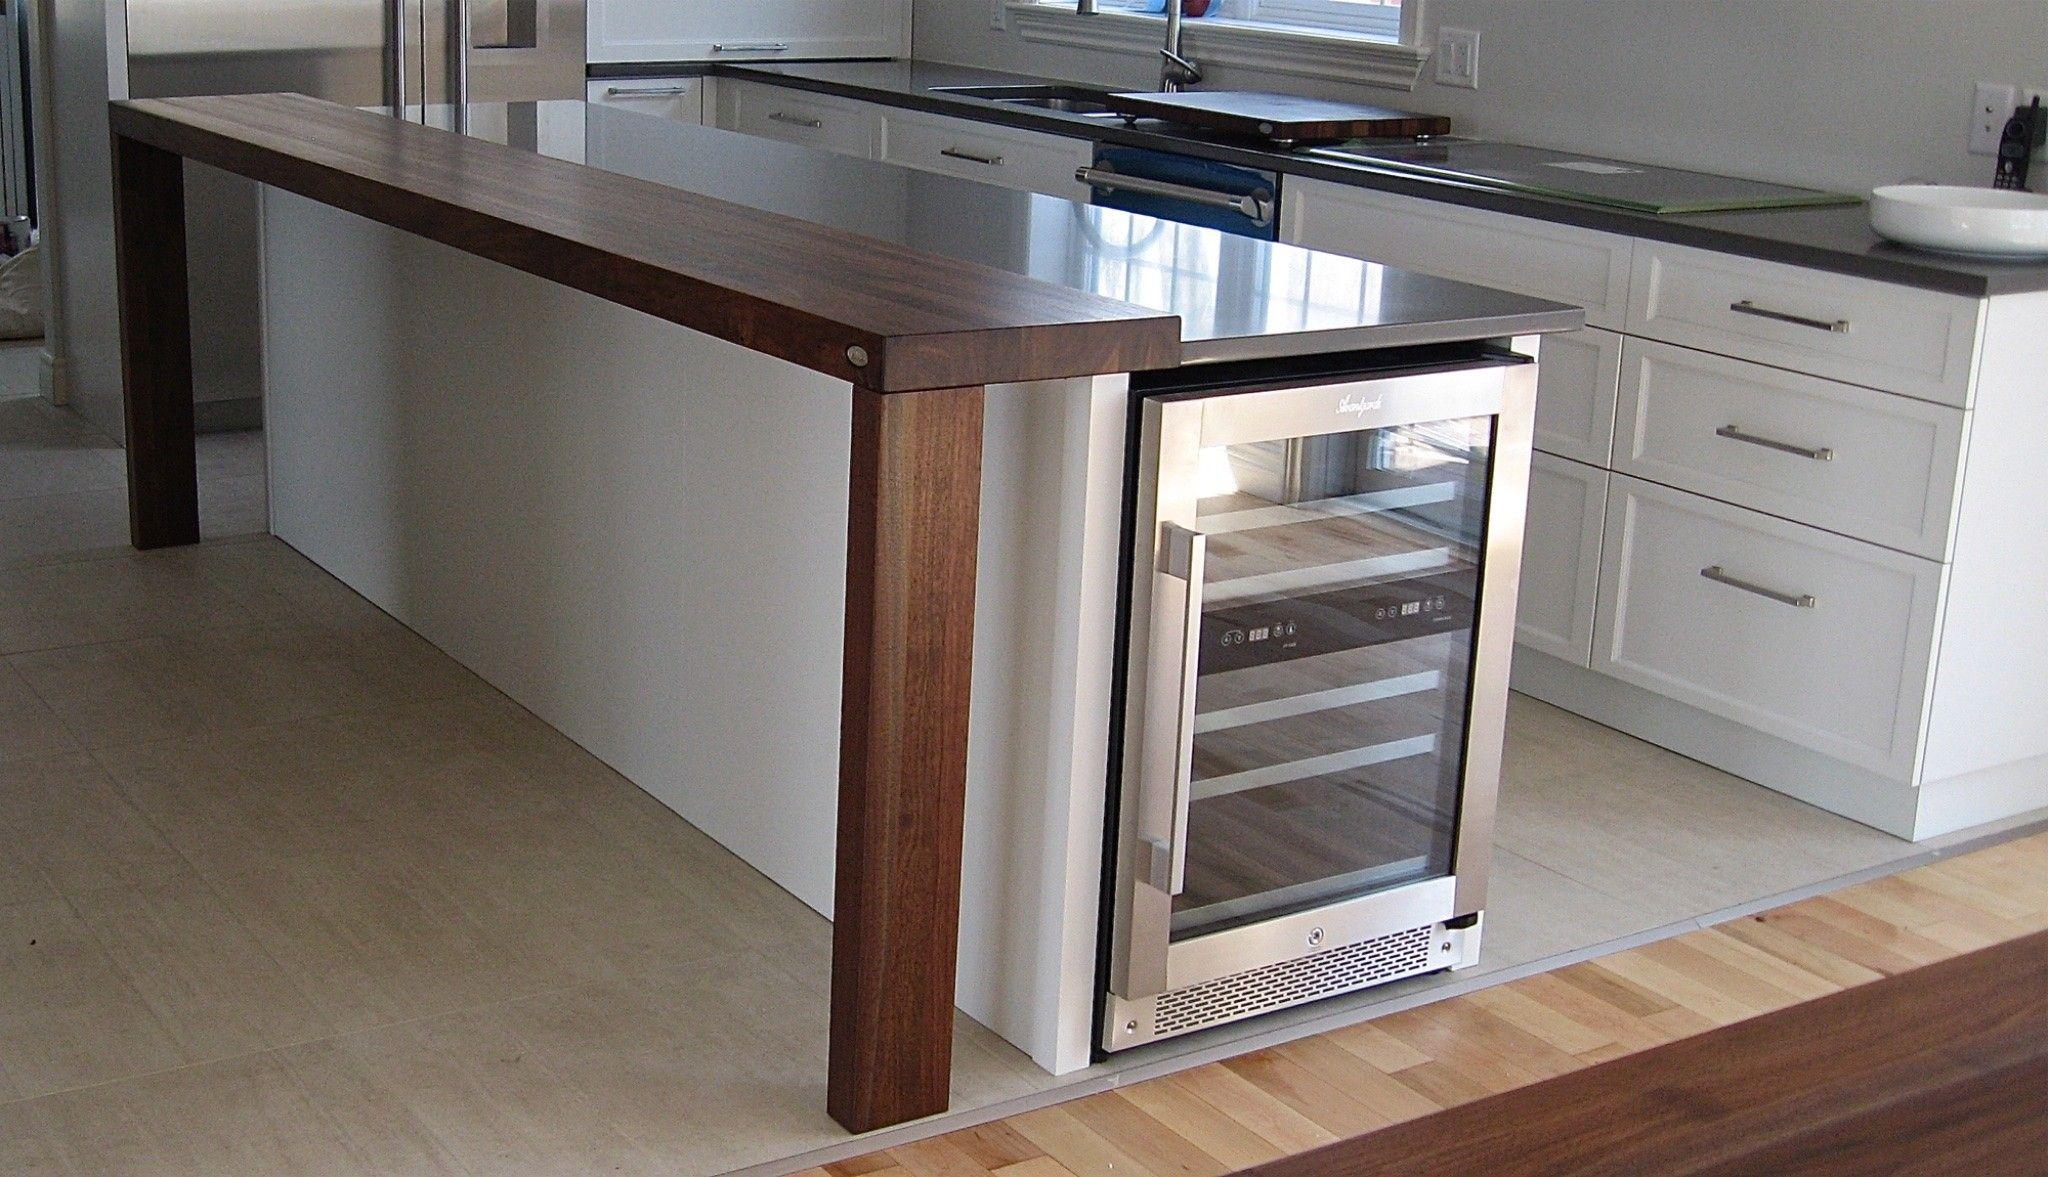 comptoir de cuisine ikea home decor